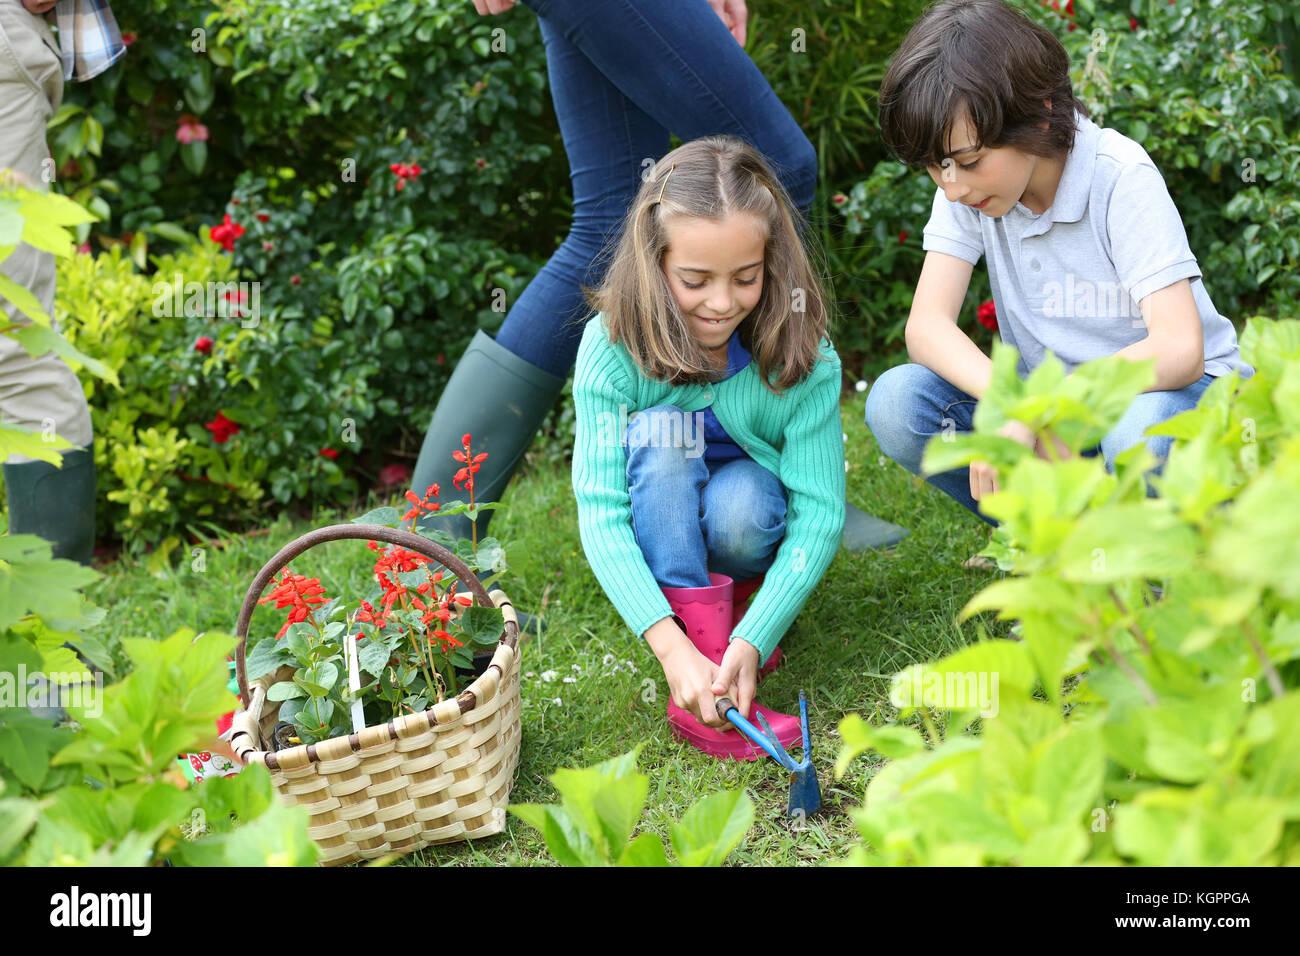 Jardinage pour les enfants ensemble, à la maison au printemps Photo Stock